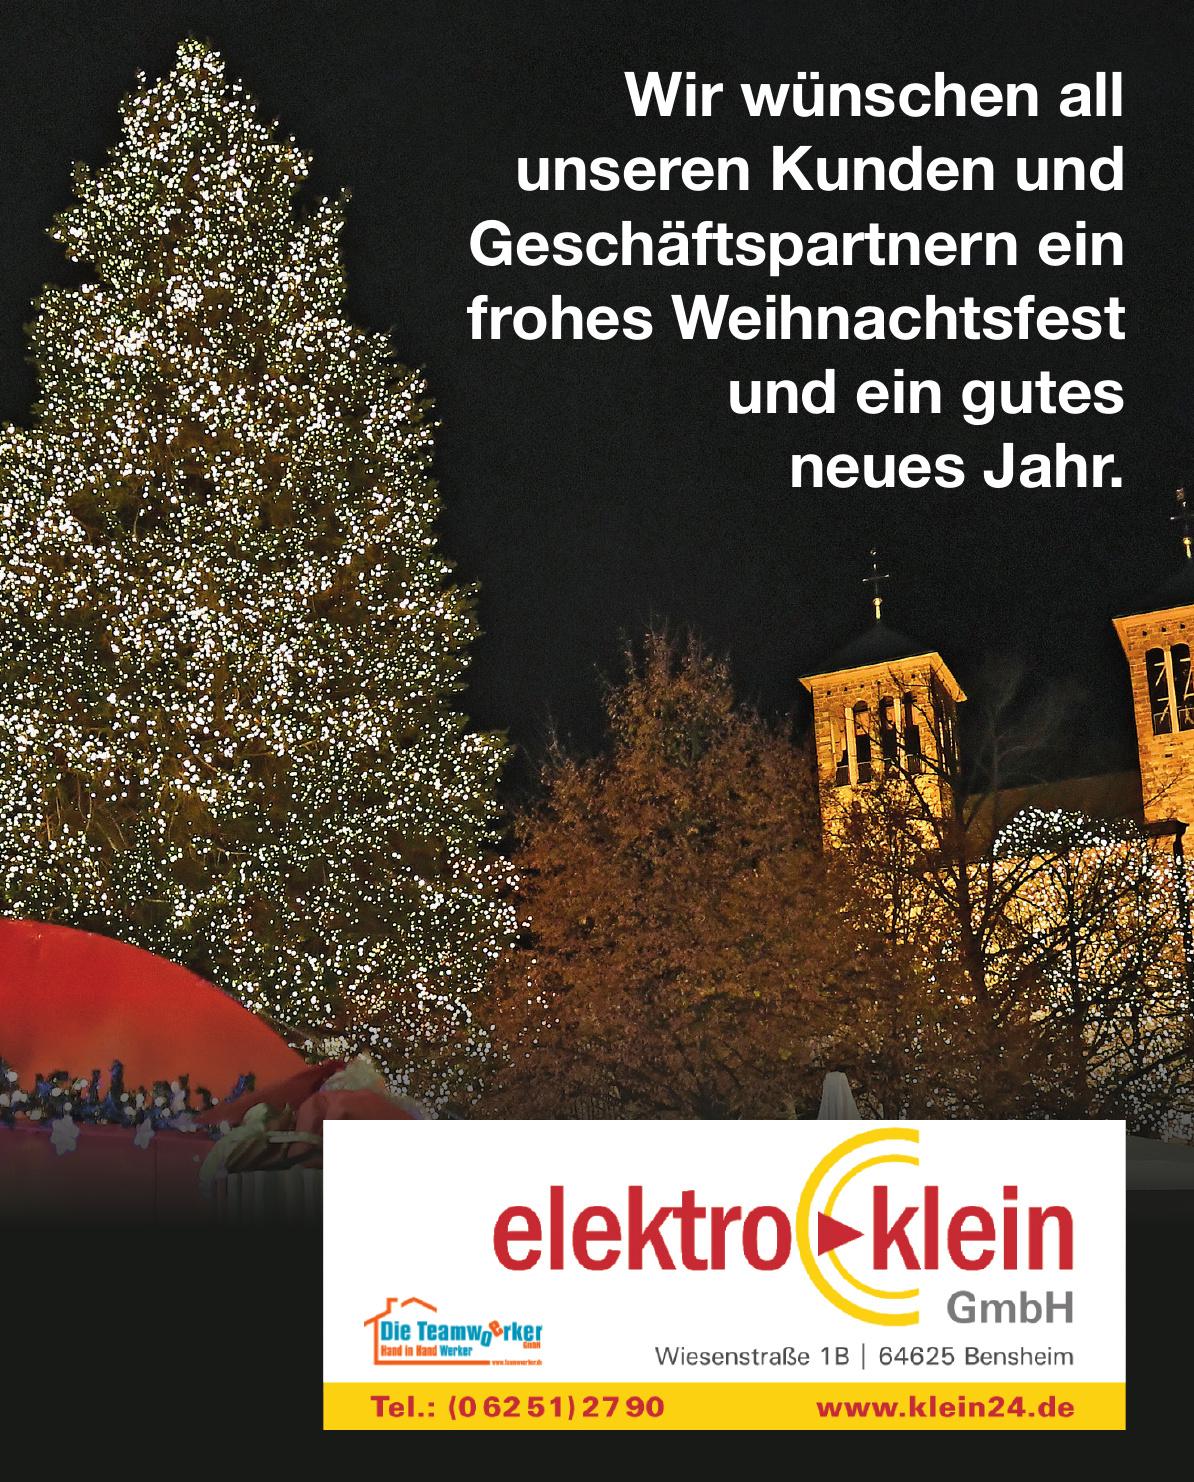 Elektro Klein GmbH